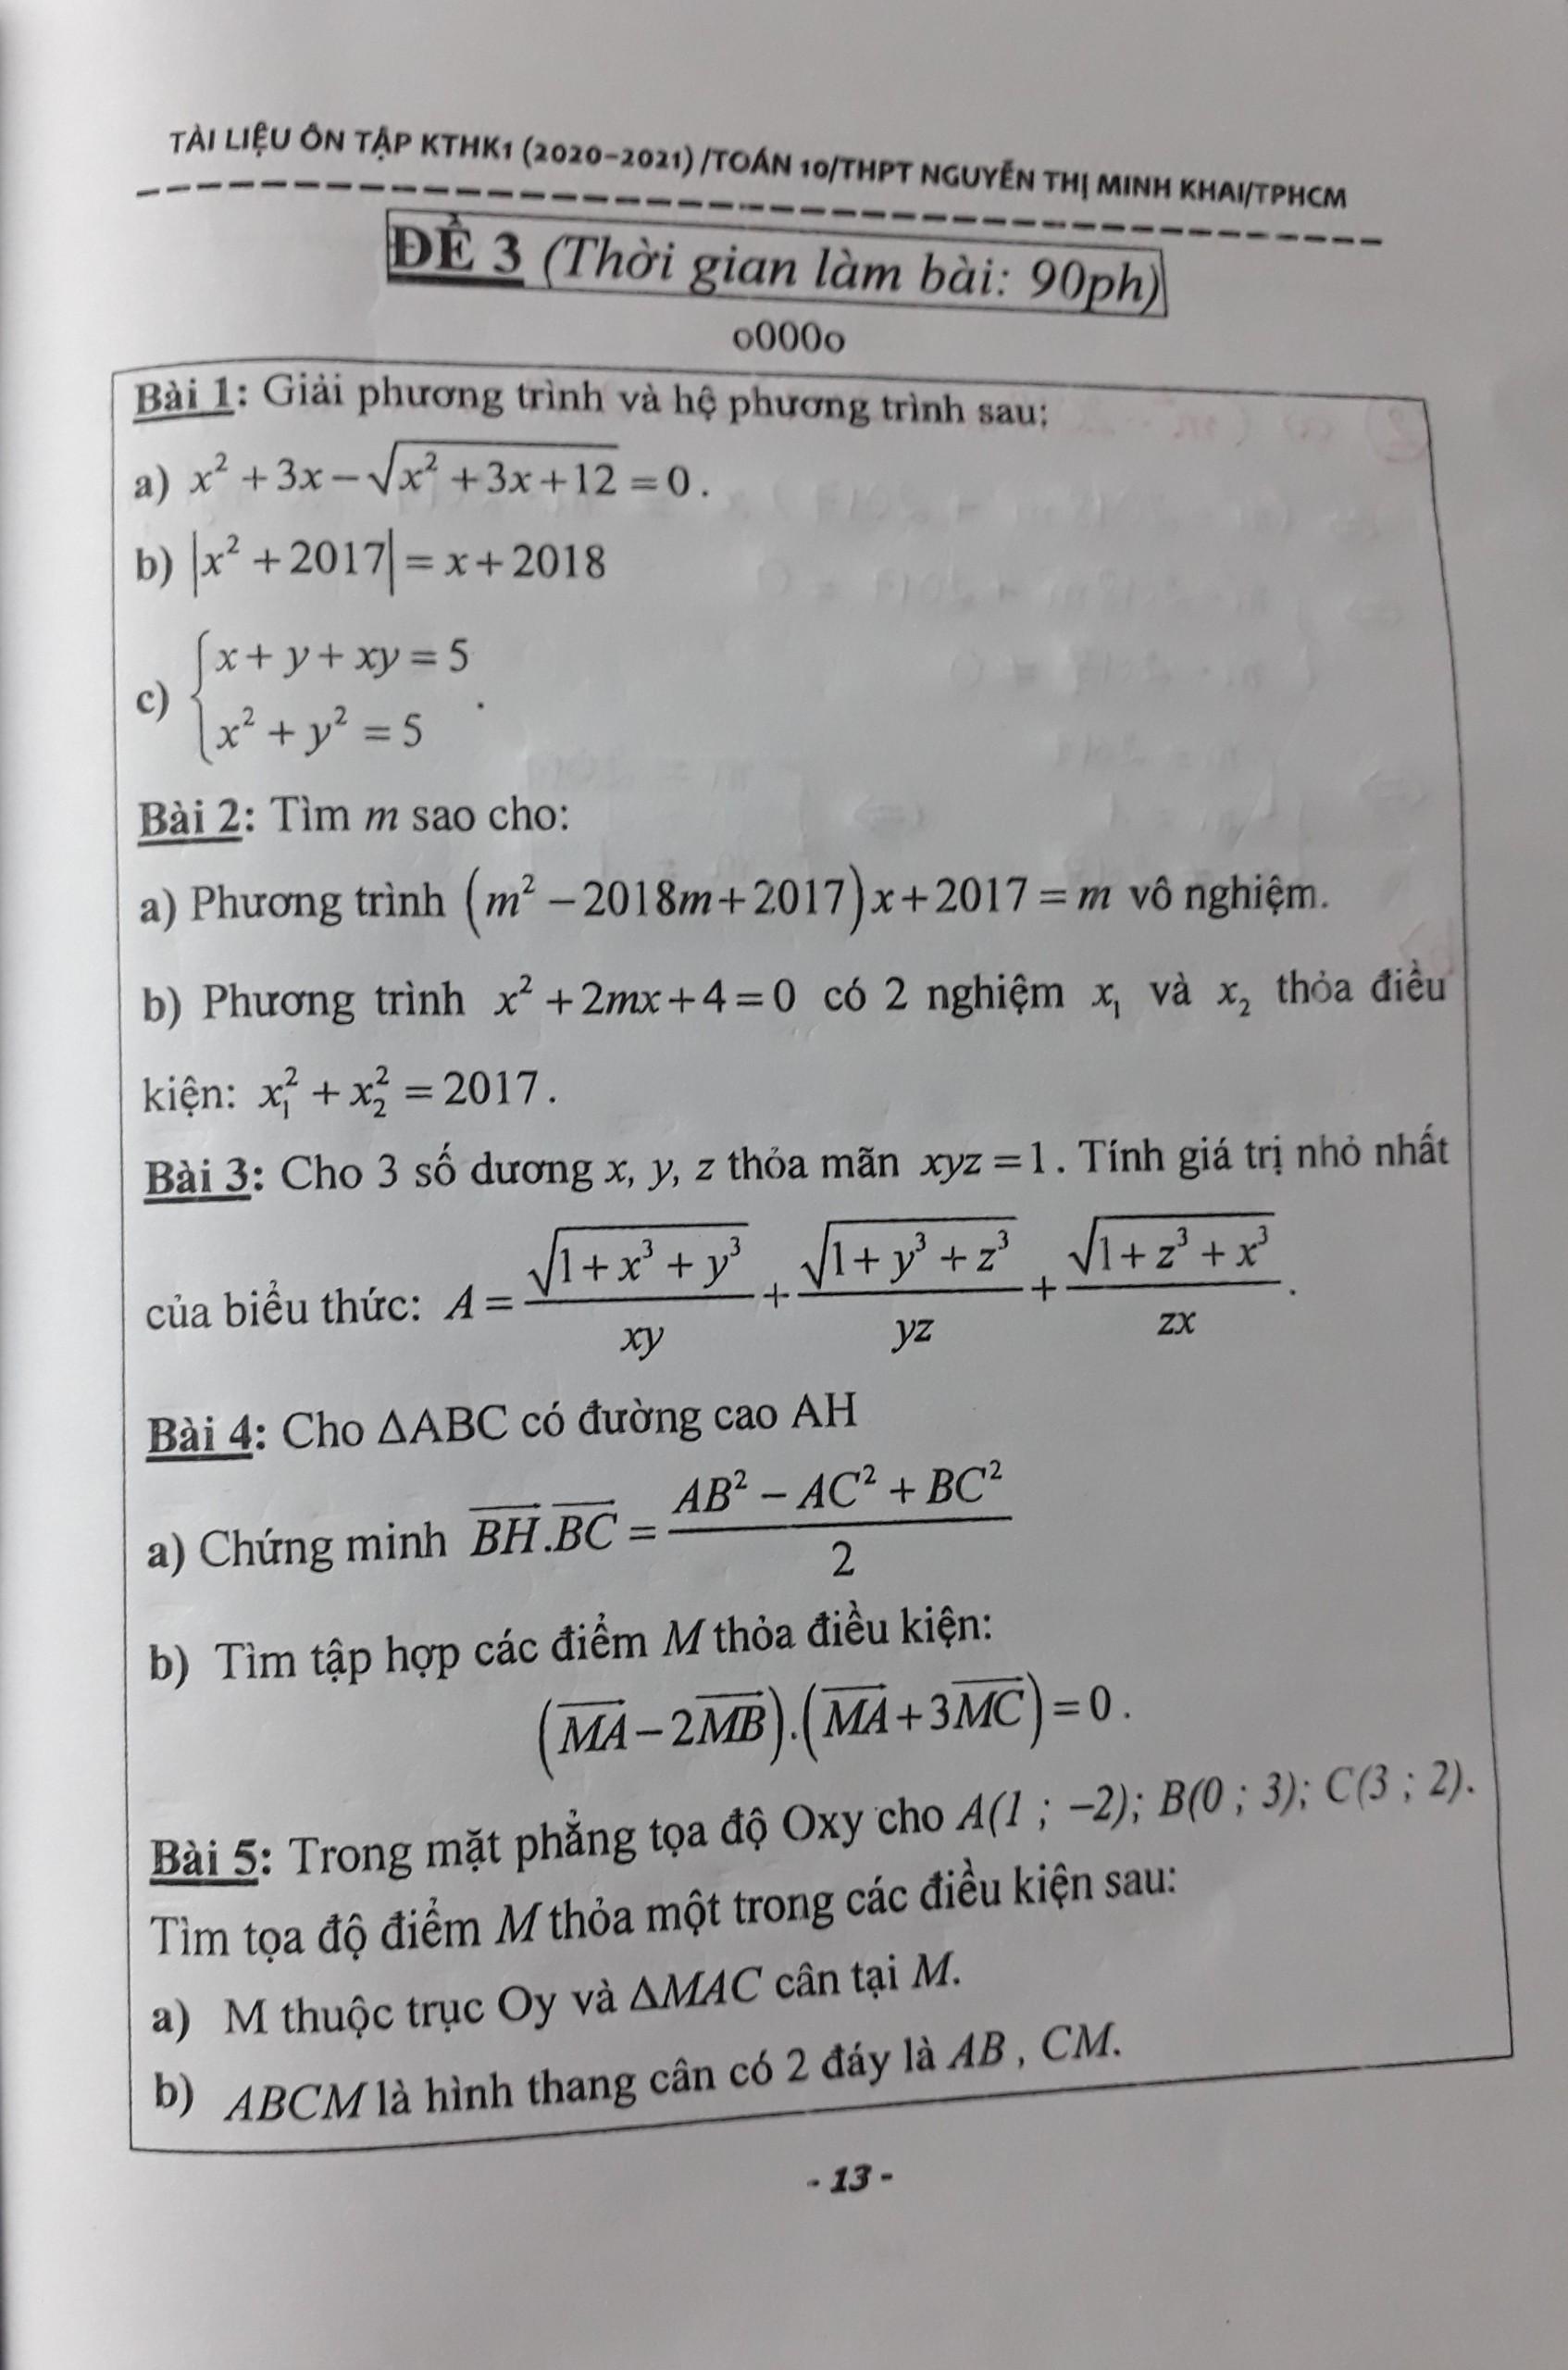 GIẢI ĐỀ CƯƠNG ÔN TẬP TOÁN 10- HỌC KỲ 1- 2020-2021-NGUYỄN THỊ MINH KHAI HCM- ĐỀ SỐ 3